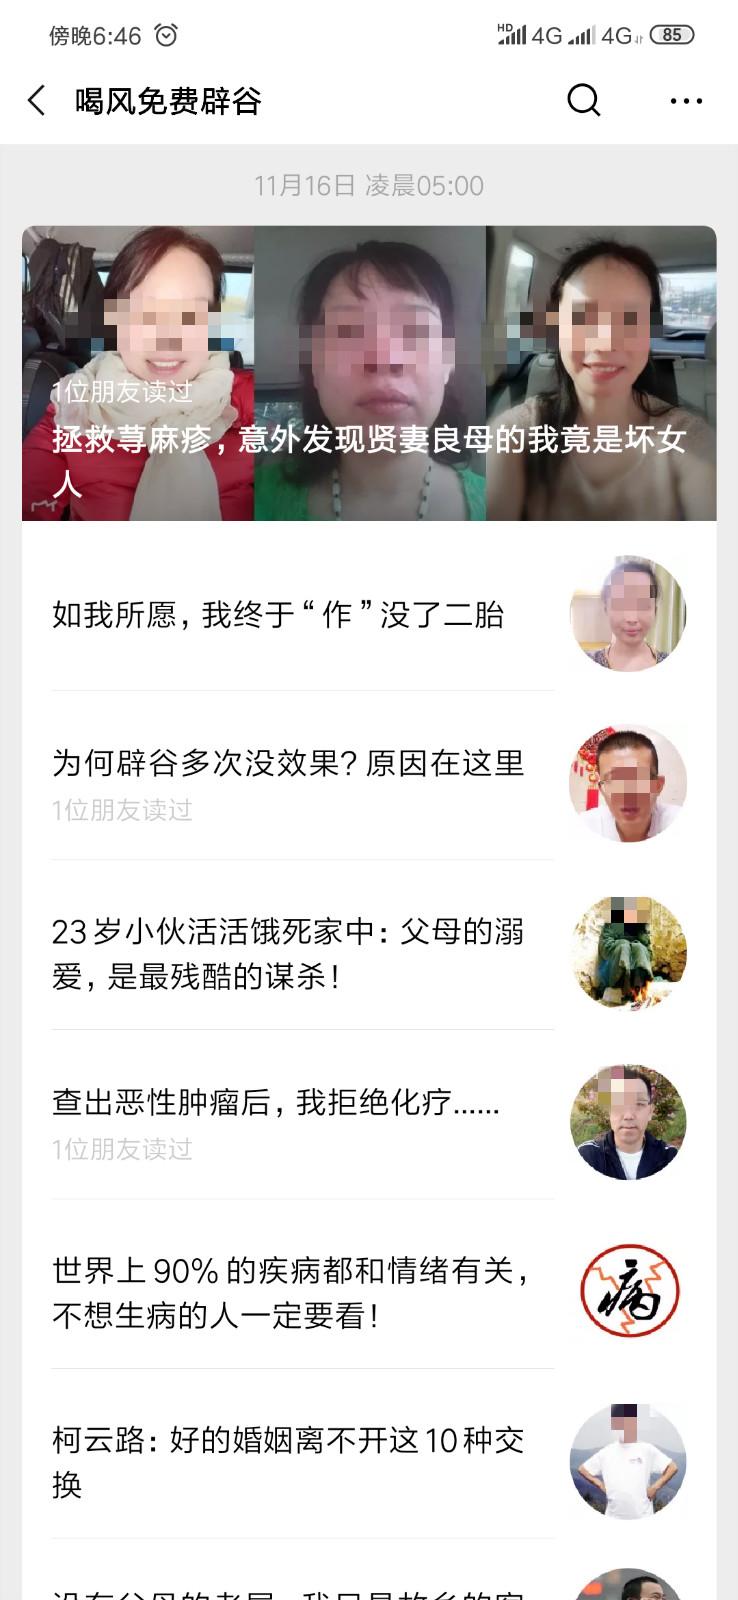 杏彩安卓手机客户端下载安装·薛宝钗为什么要嫁祸林黛玉?